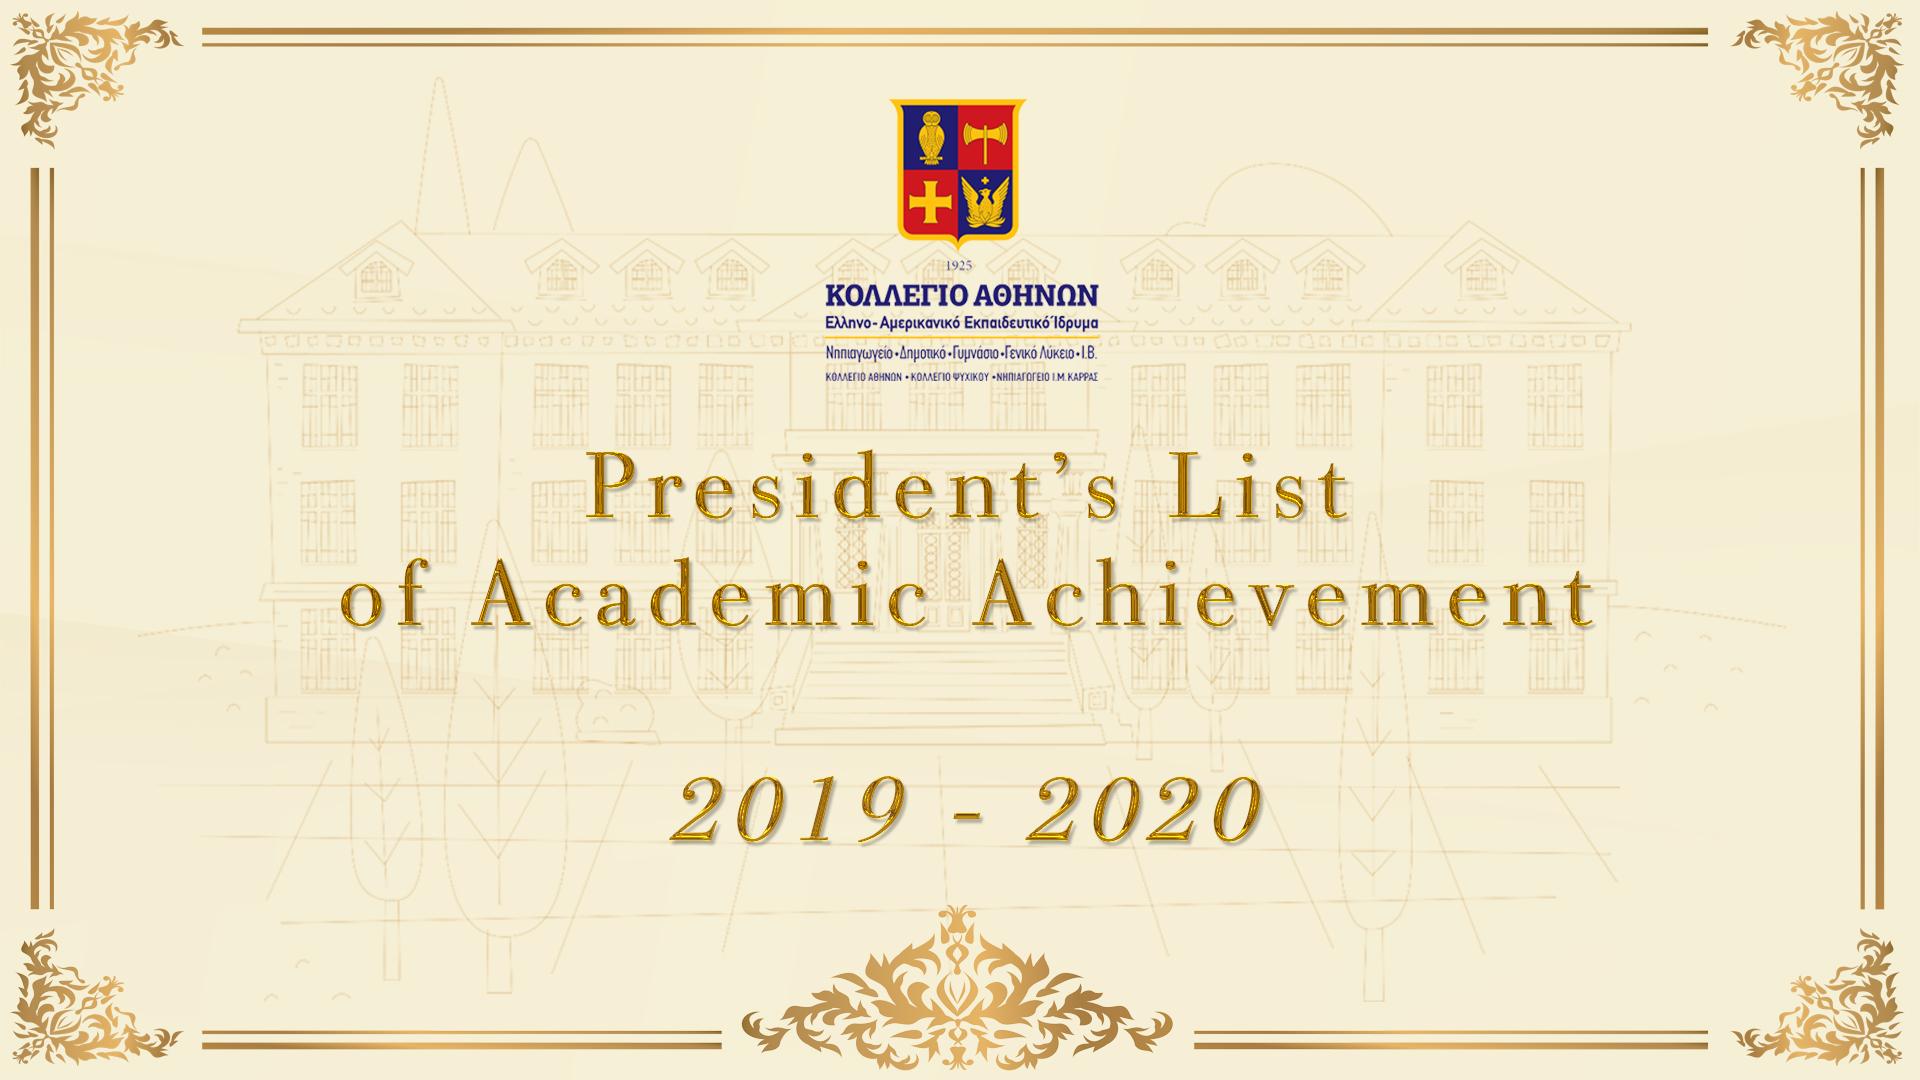 President's List 2019-2020